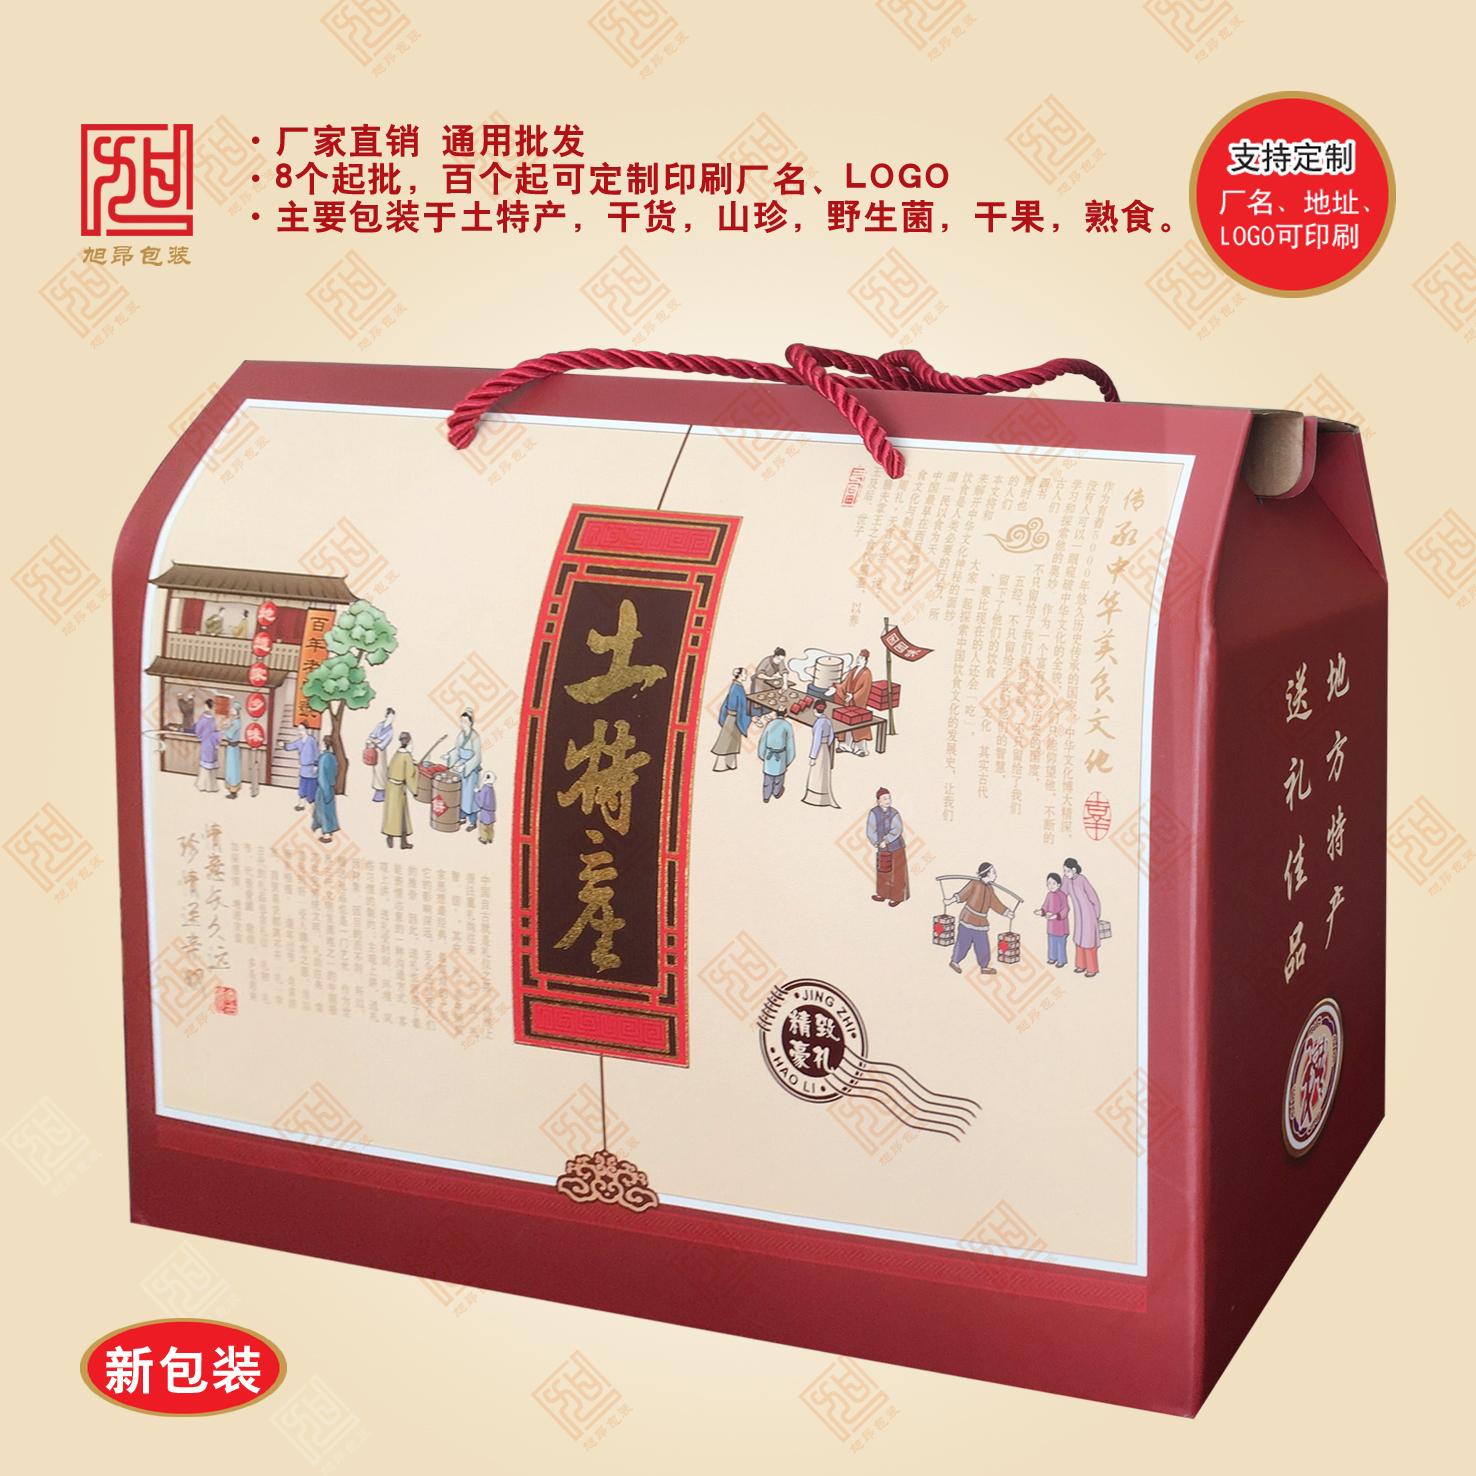 Lokale pakket algemene feestelijk doos gedroogde vruchten gekookt doos groothandel bij vak dumplings.